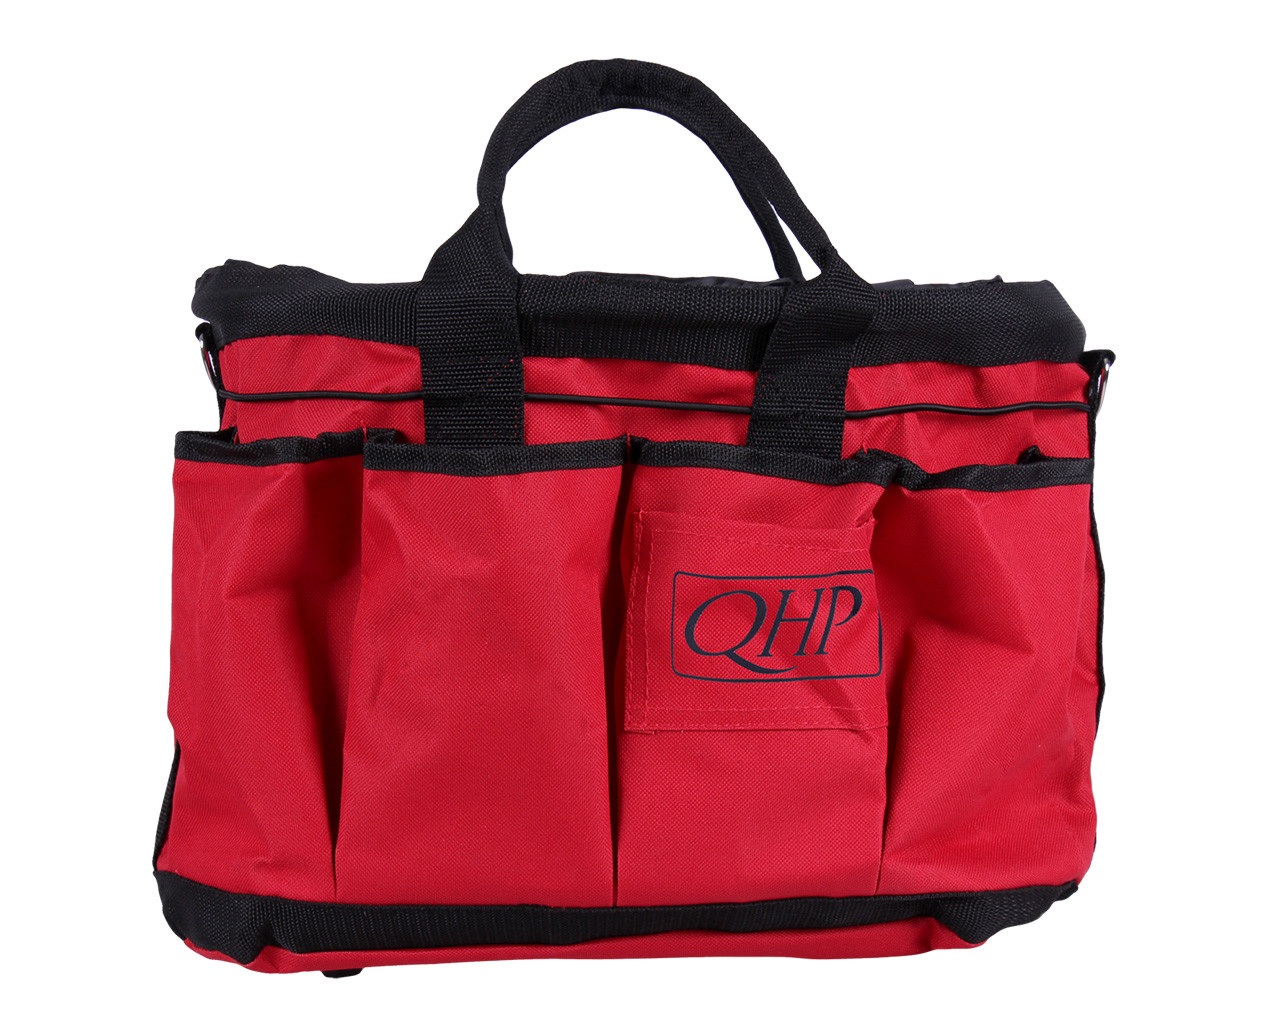 QHP poetstas rood